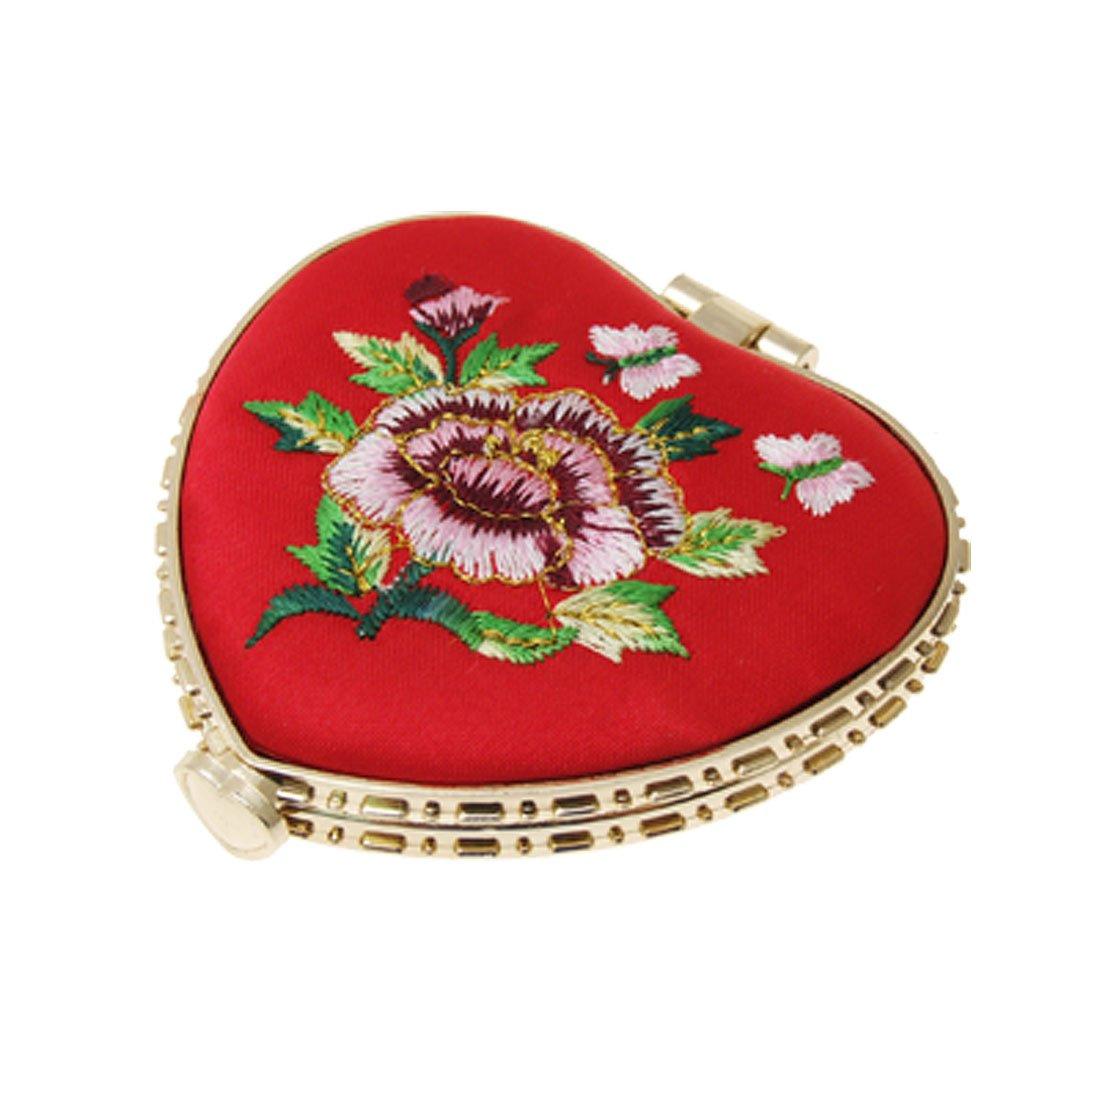 SODIAL(R) Mirroir portable piable de forme de coeur avec broderie Rouge Sourcingmap a10011200ux0217